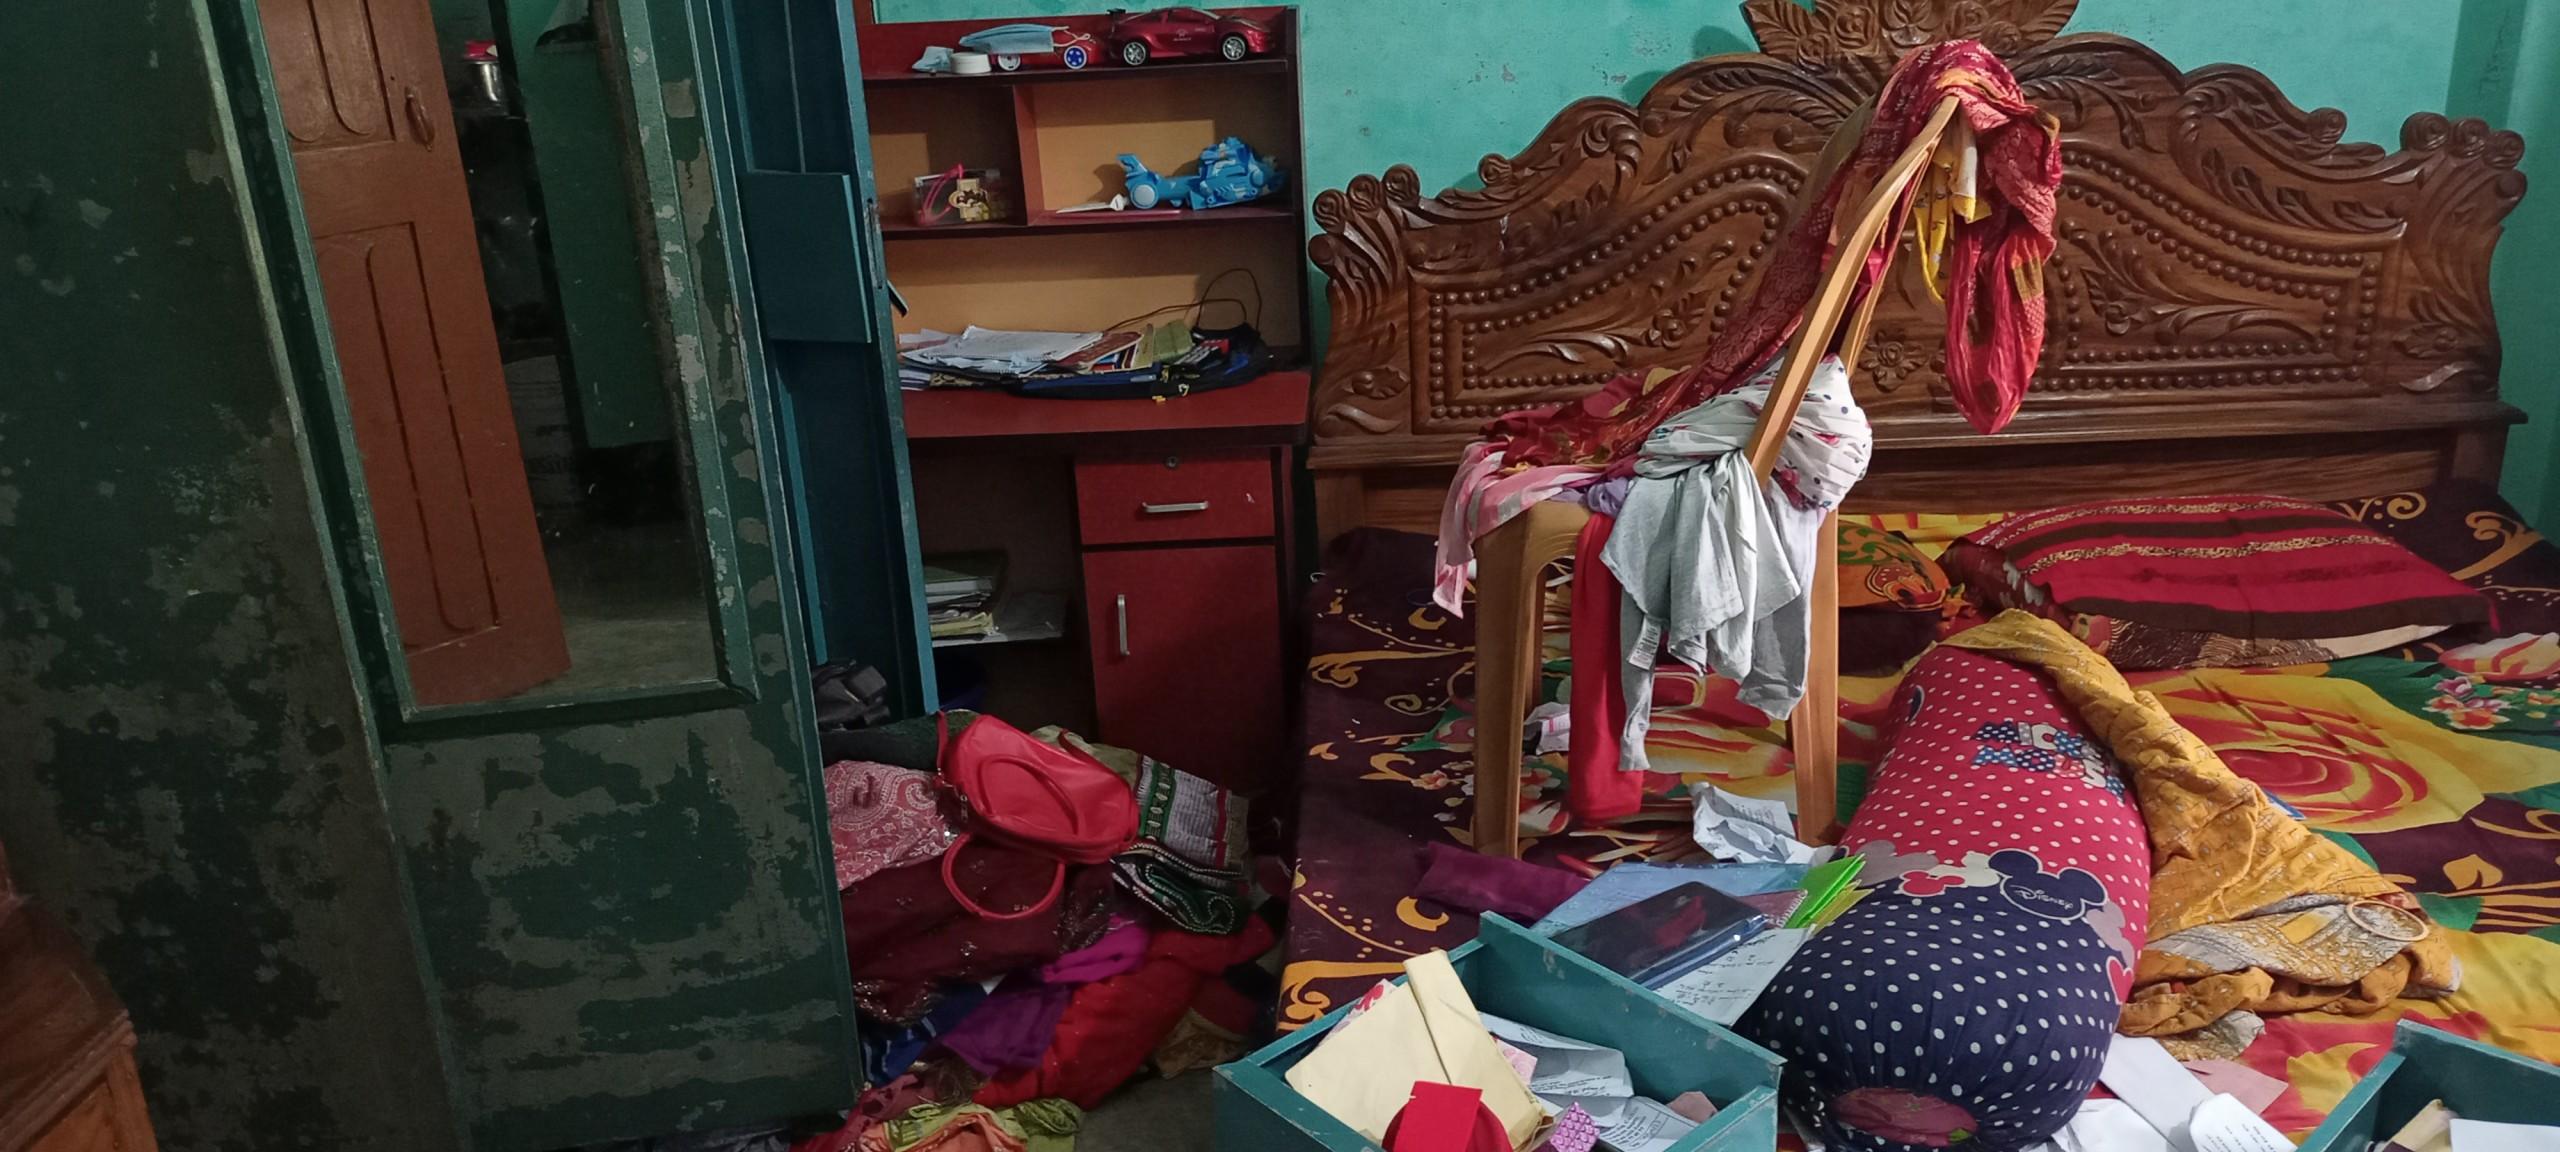 বরিশালে দিন-দুপুরে ঘরের তালা ভেঙ্গে চুরি